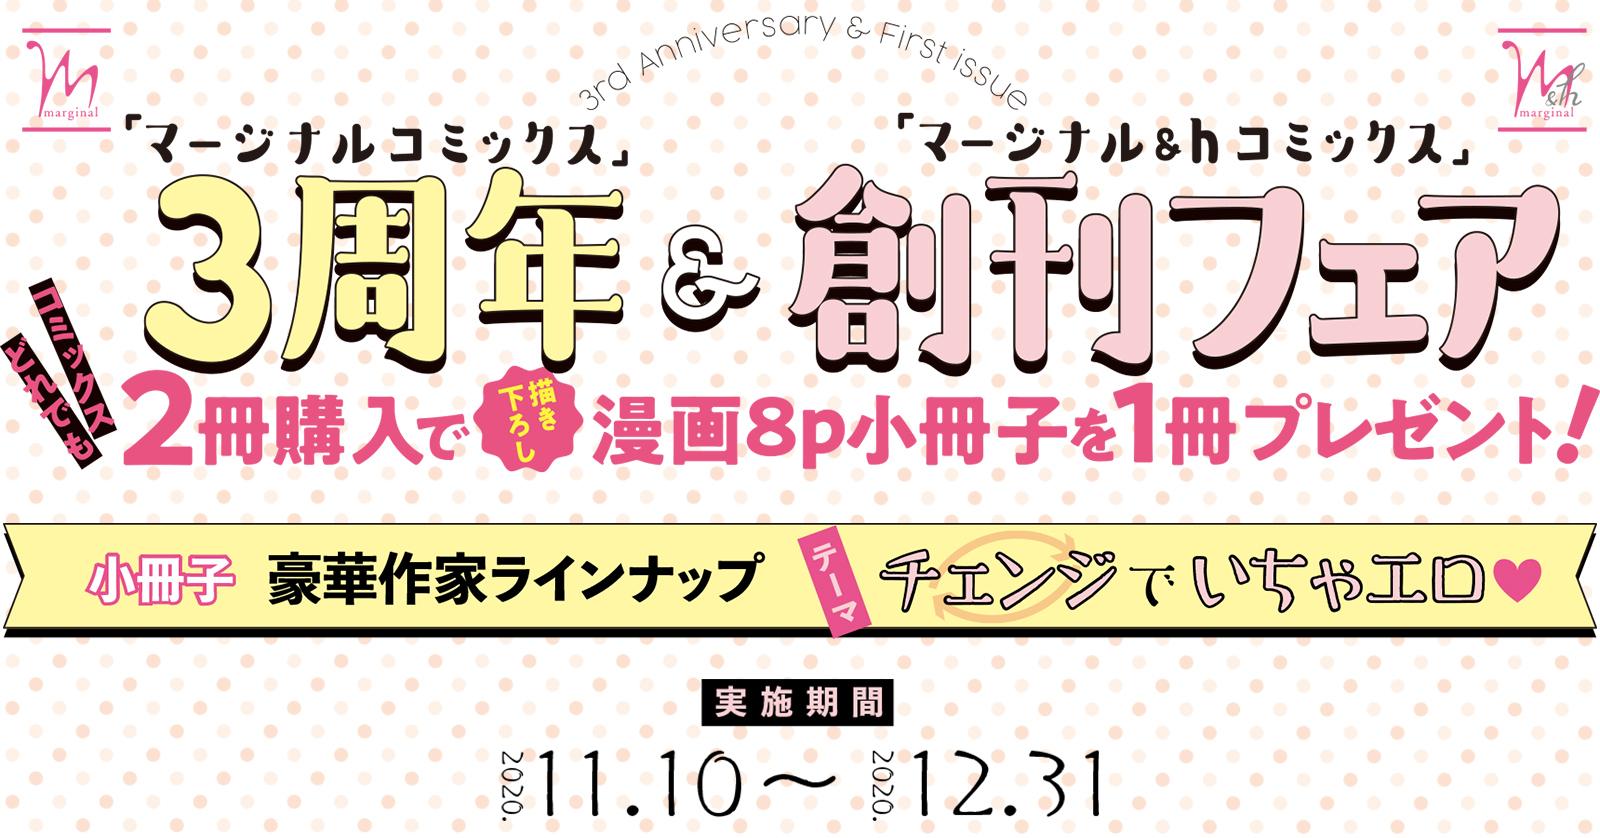 「マージナルコミックス」3周年&「マージナル&hコミックス」創刊フェア